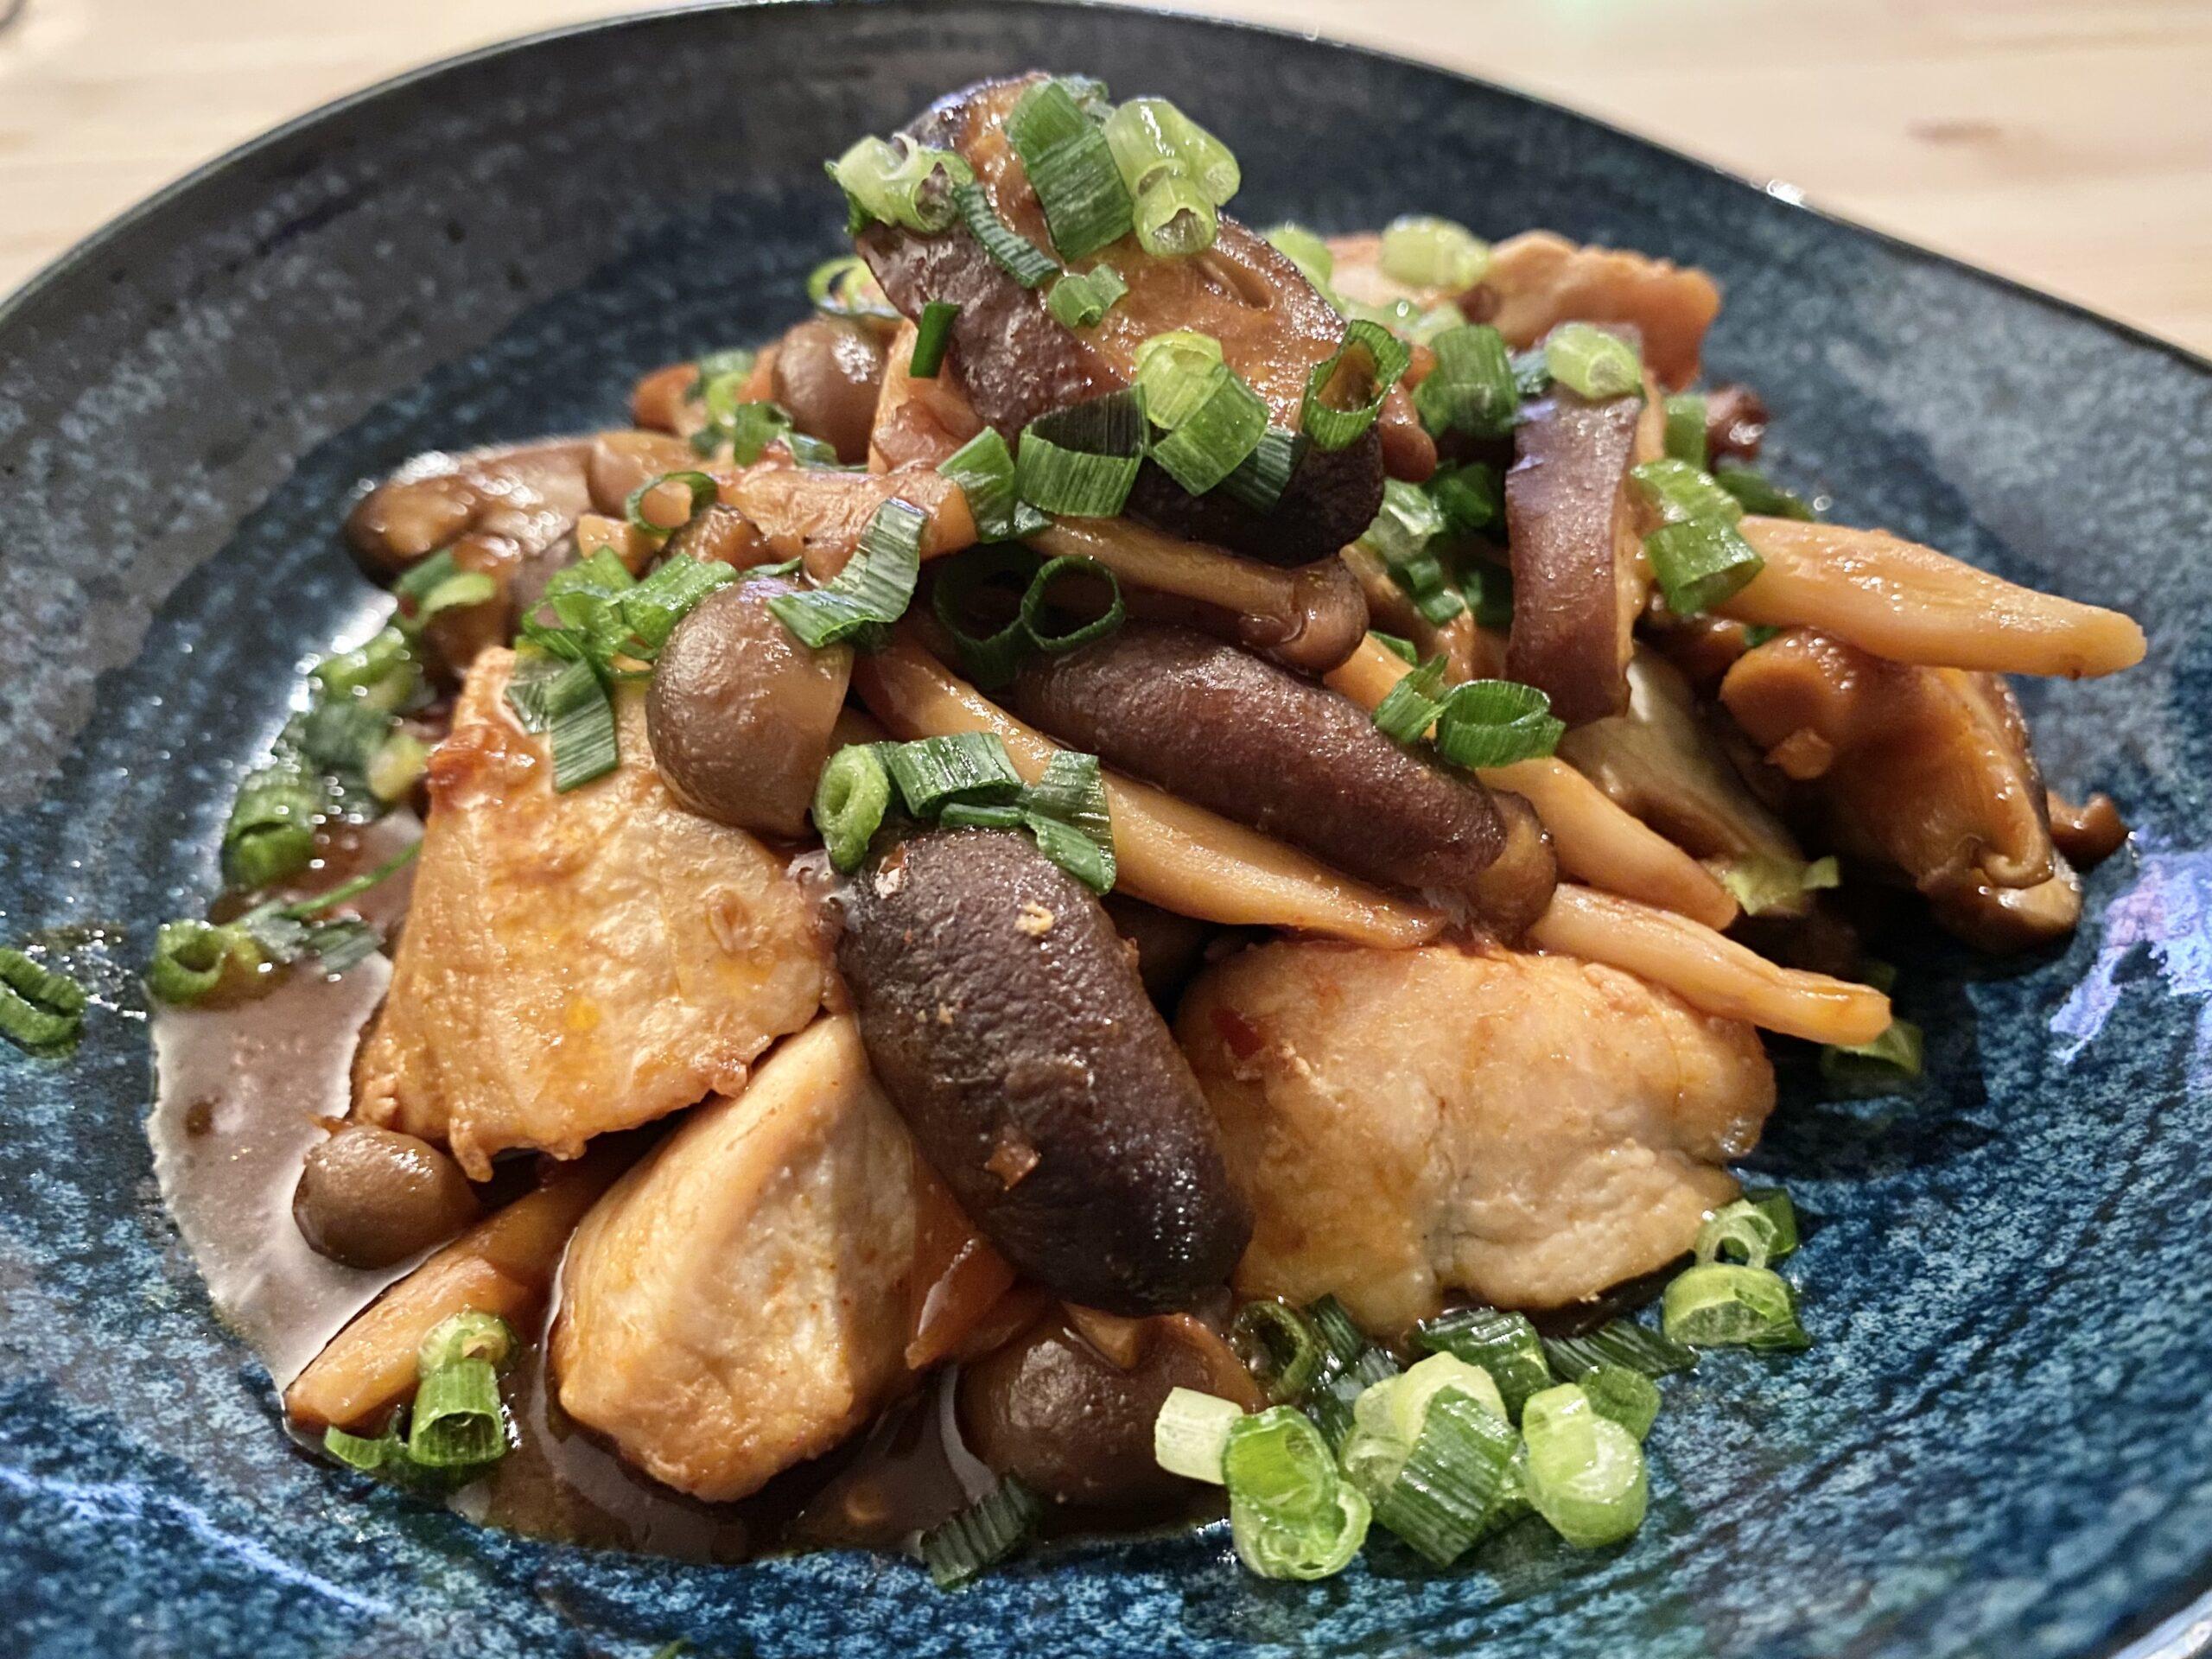 つくおきにも!「鶏むね肉とキノコのご飯がススム炒め」のレシピ